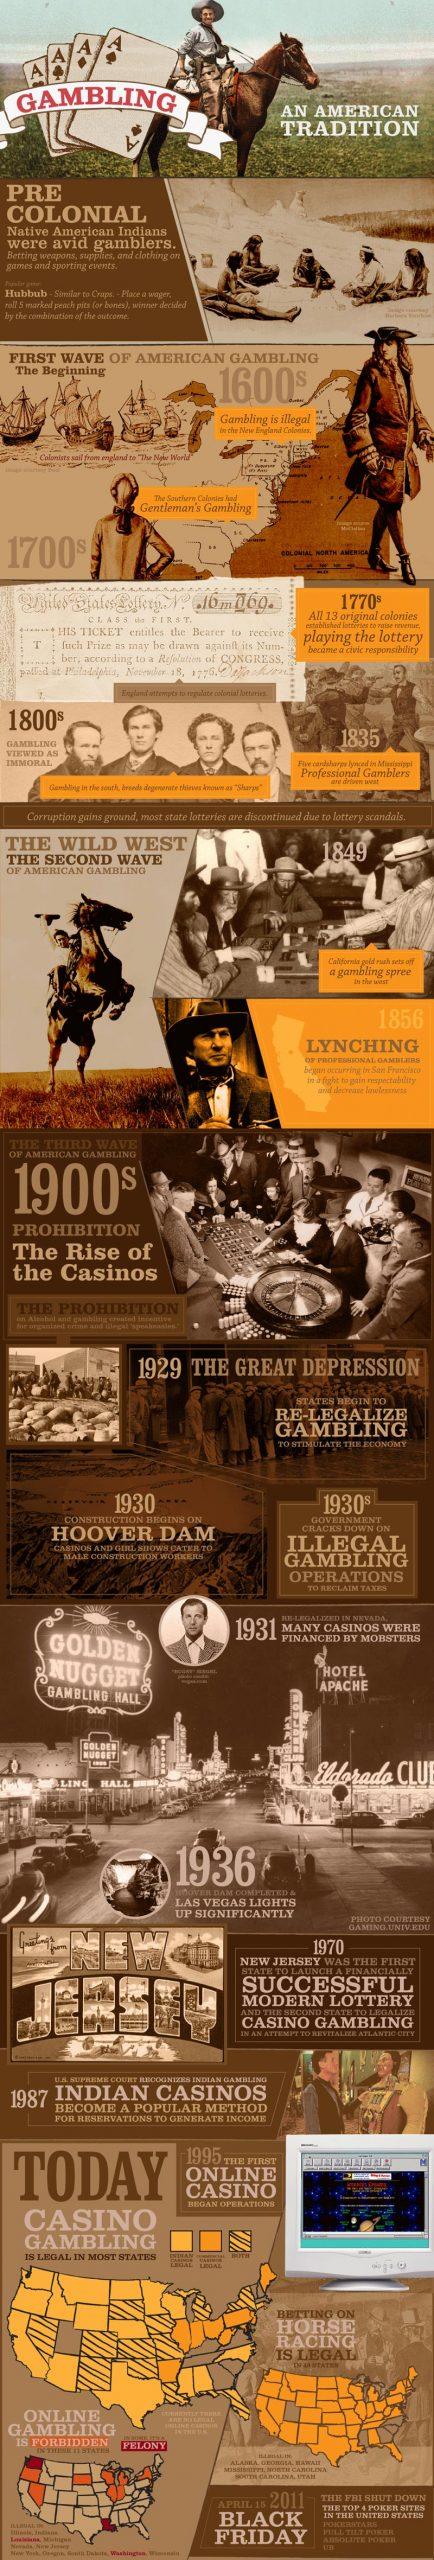 gambling infographic